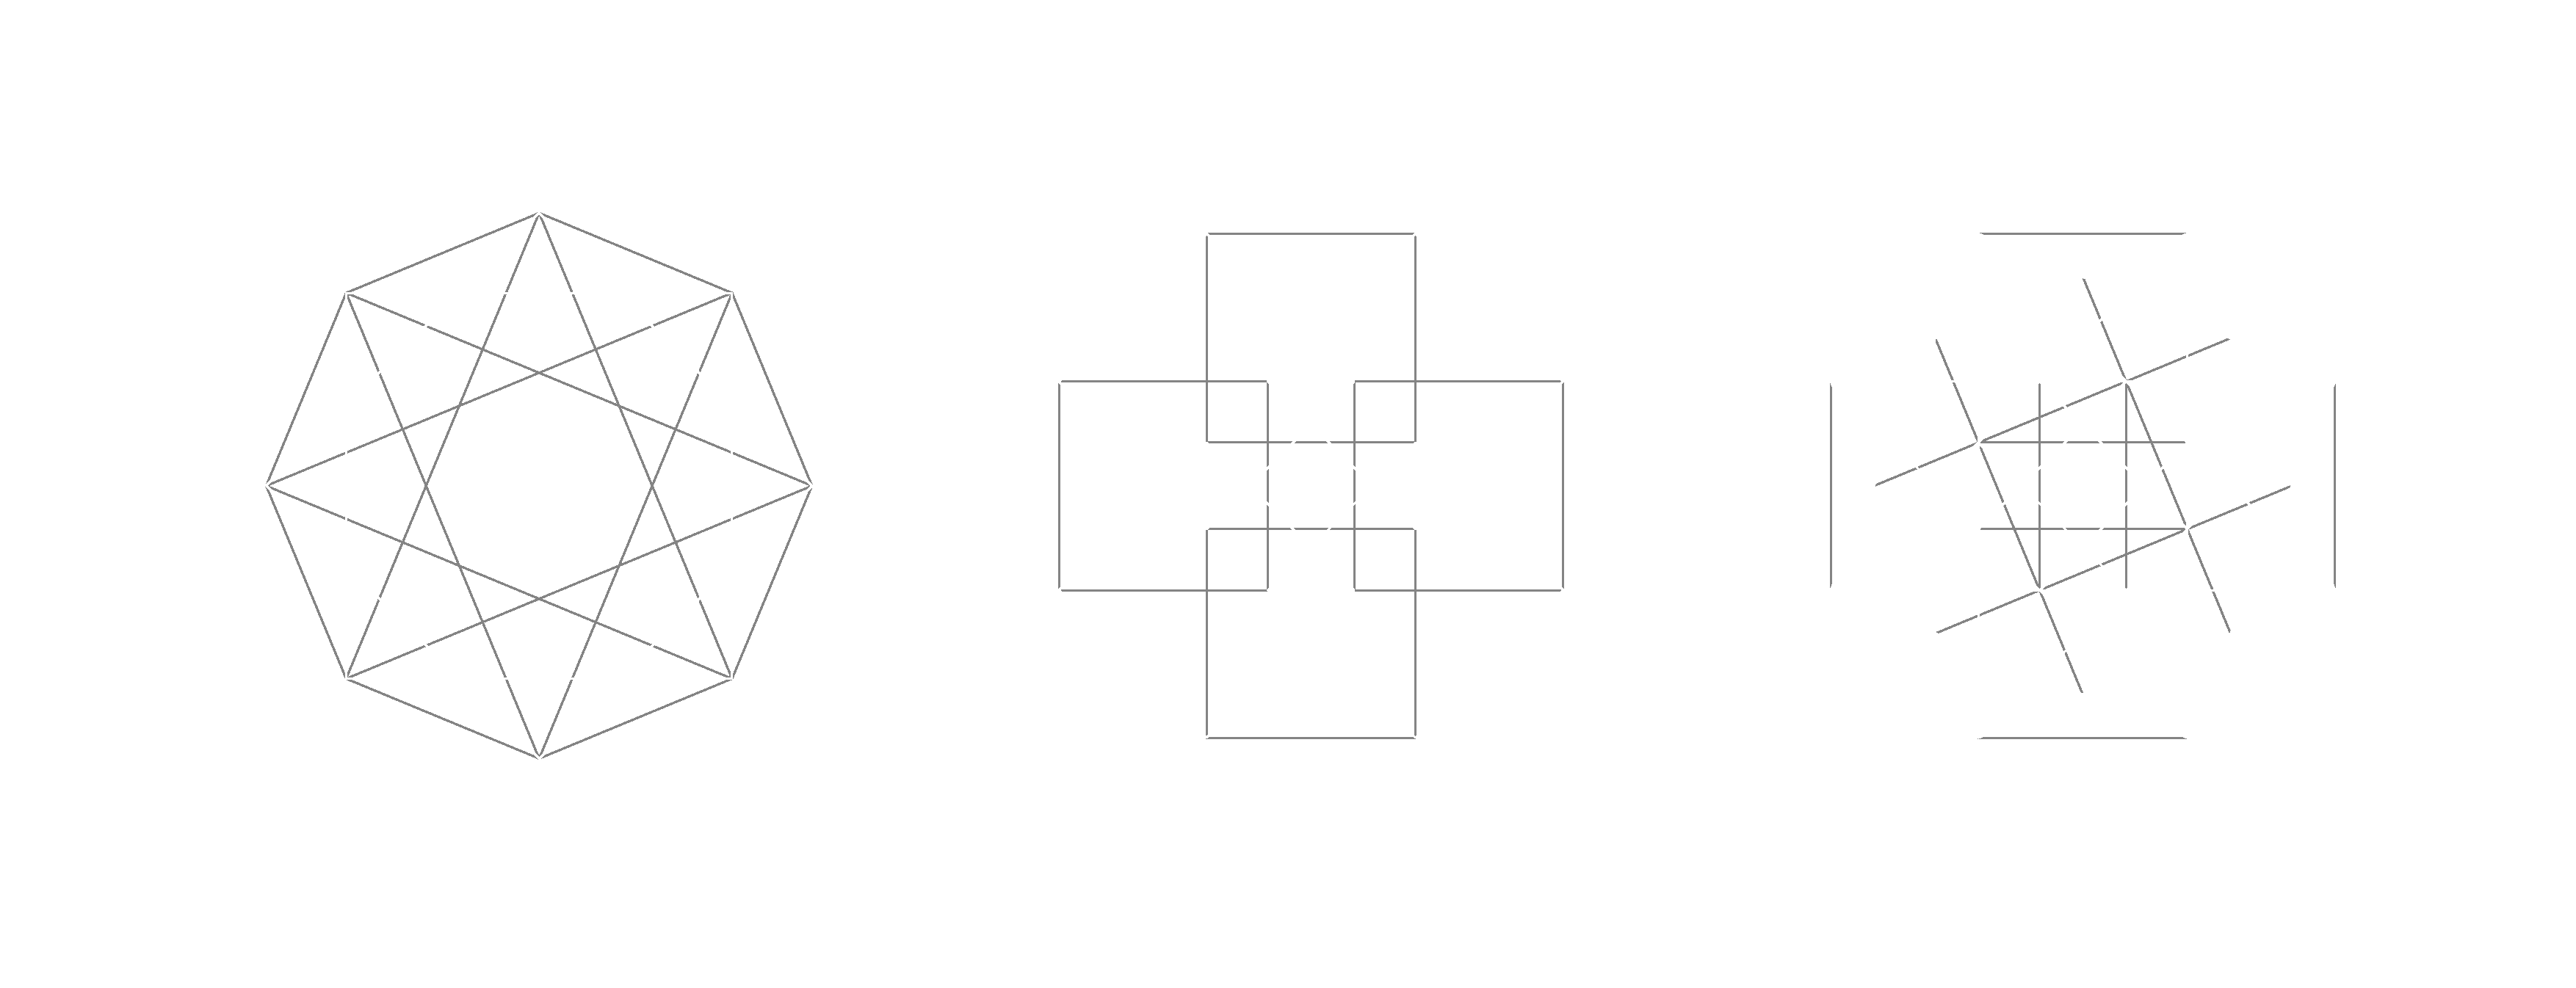 Hypercubo y otras dimensiones-02